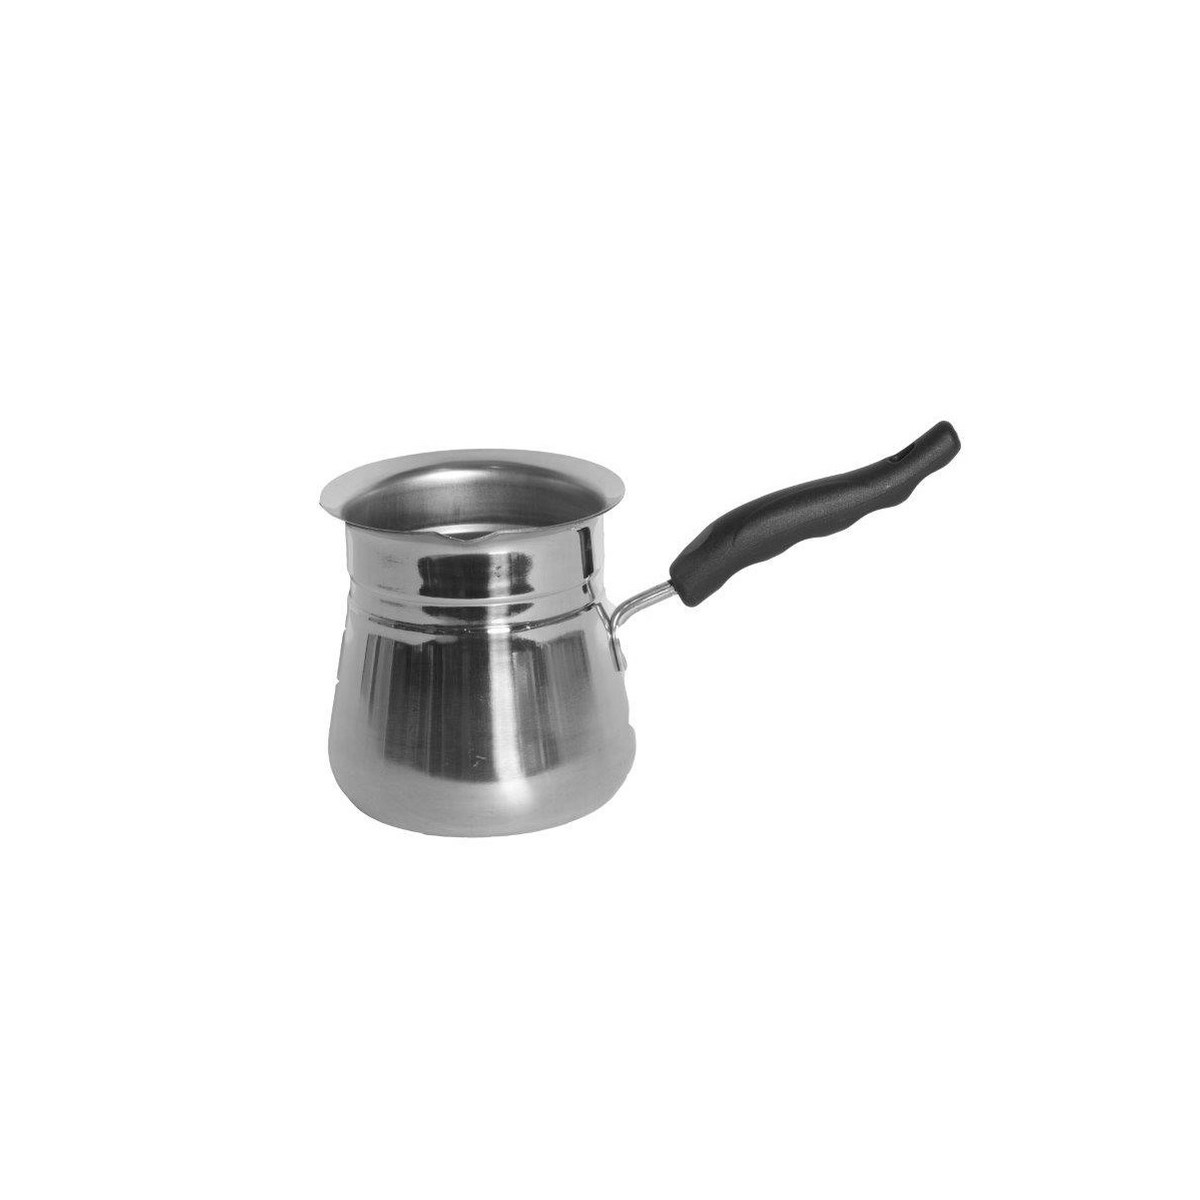 Coffee Warmer S/S Heavy Duty 380ml - 1PC